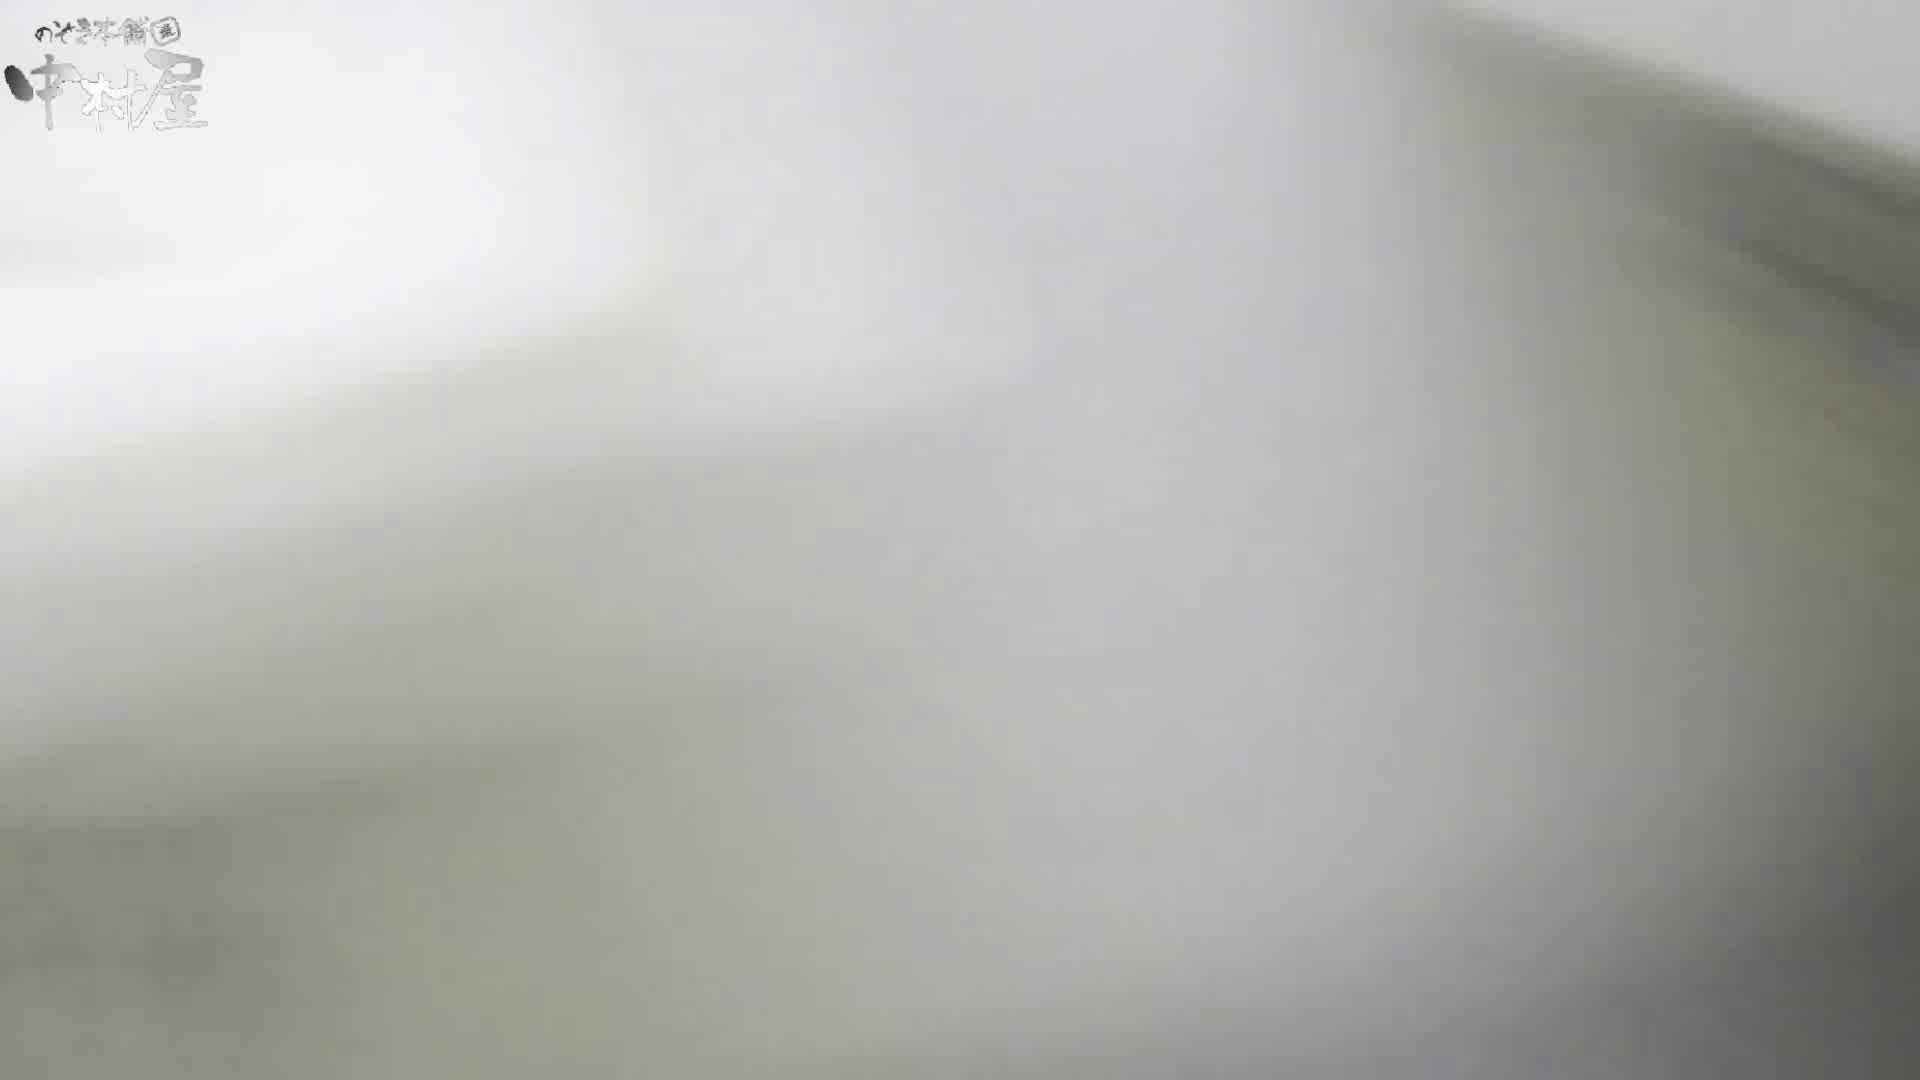 魂のかわや盗撮62連発! ロンハーギャル! 45発目! 黄金水 | 盗撮シリーズ  102PIX 79